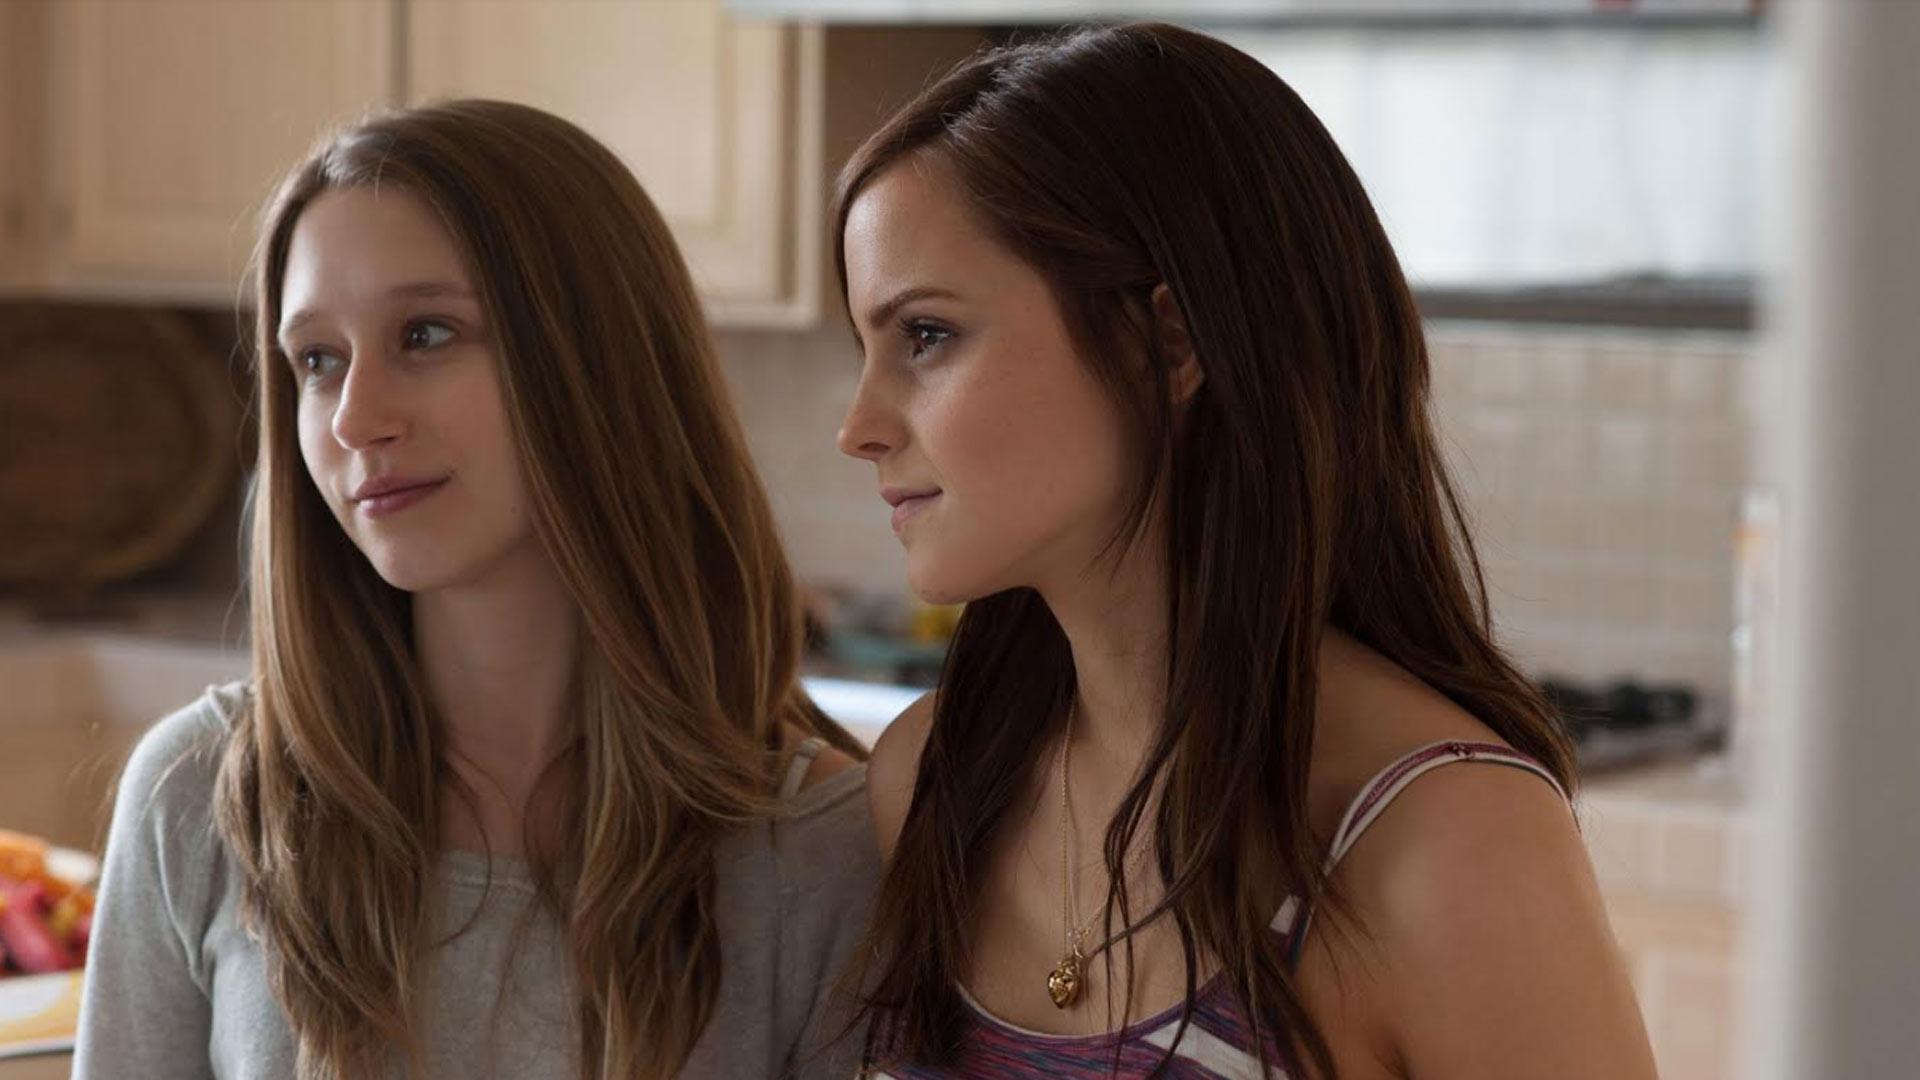 Yhtä päärooleista näyttelee Harry Pottereiden Hermionena tunnettu Emma Watson.